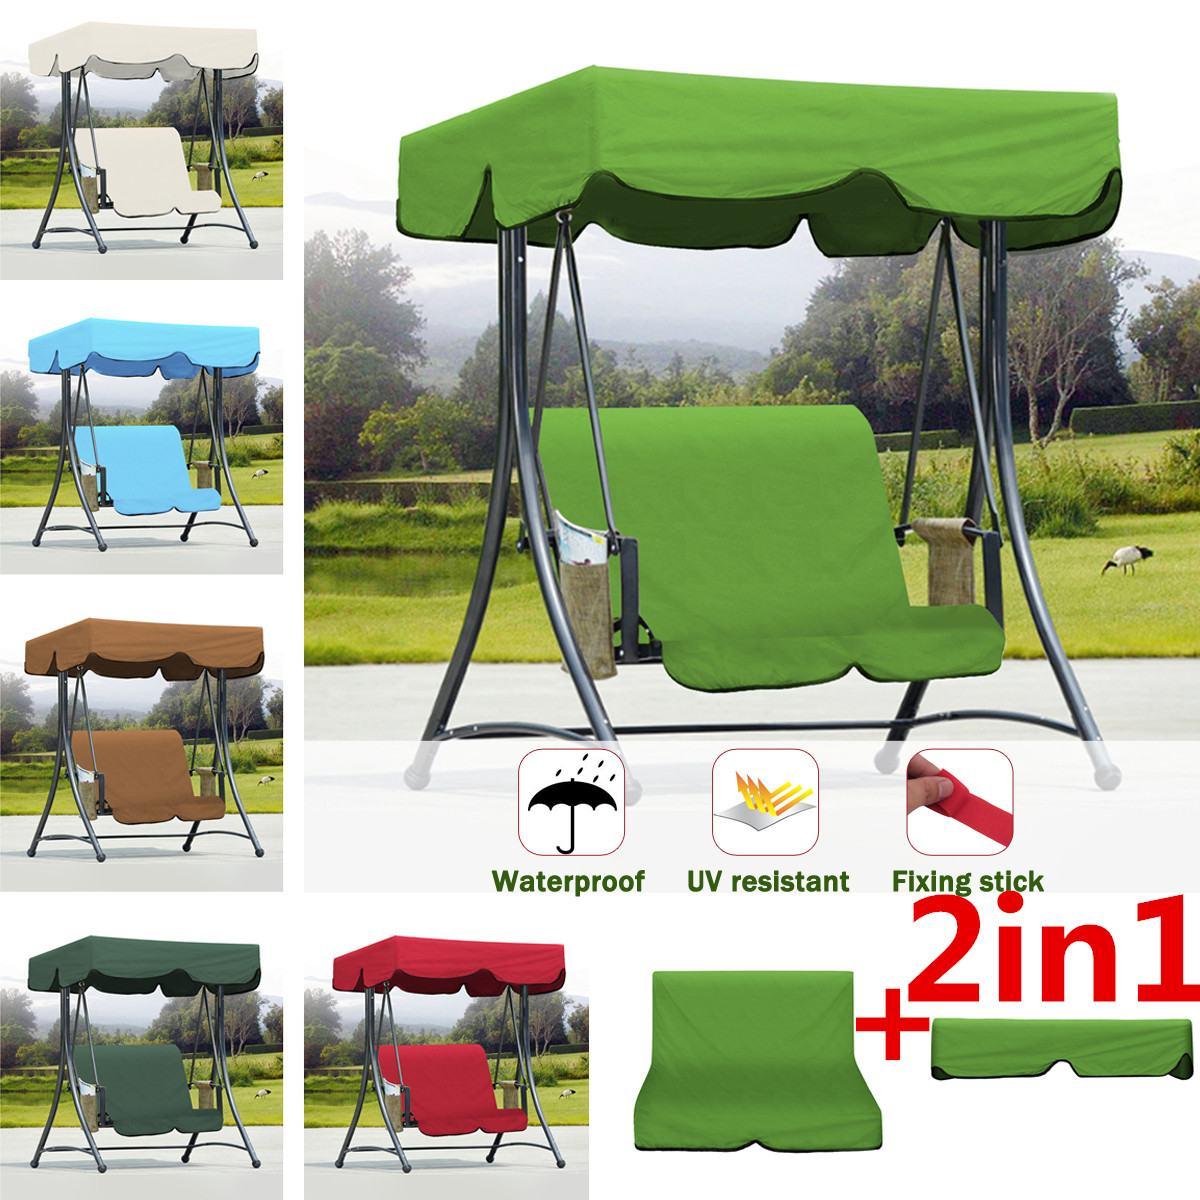 2 pcs 방수 자외선 방지 스윙 해먹 캐노피 + 의자 쿠션 여름 야외 실내 정원 안뜰 텐트 스윙 상단 커버